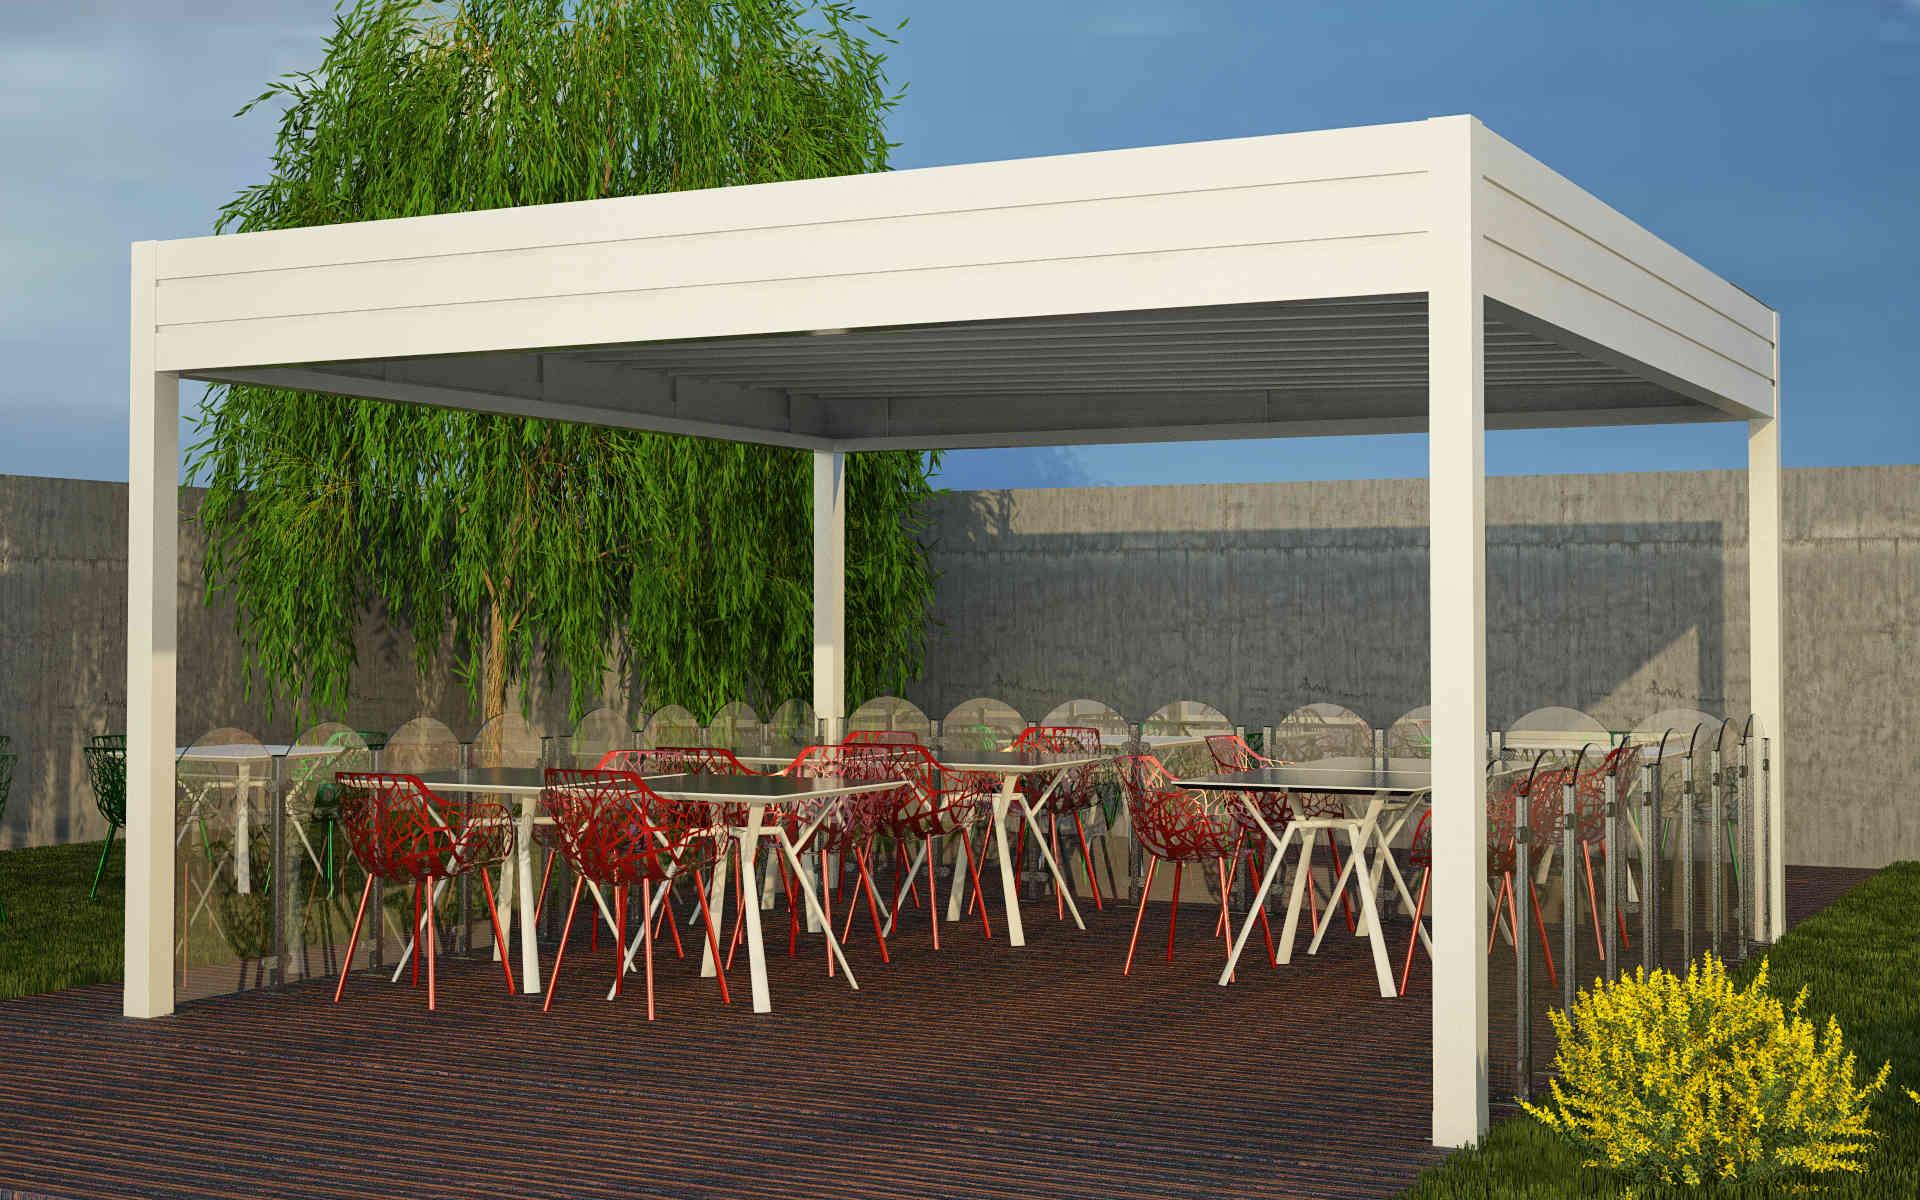 Paraventi modulari per esterno in alluminio. Chiusura di dehors e plateatici. Serie 3000. Stameat srl - Padova